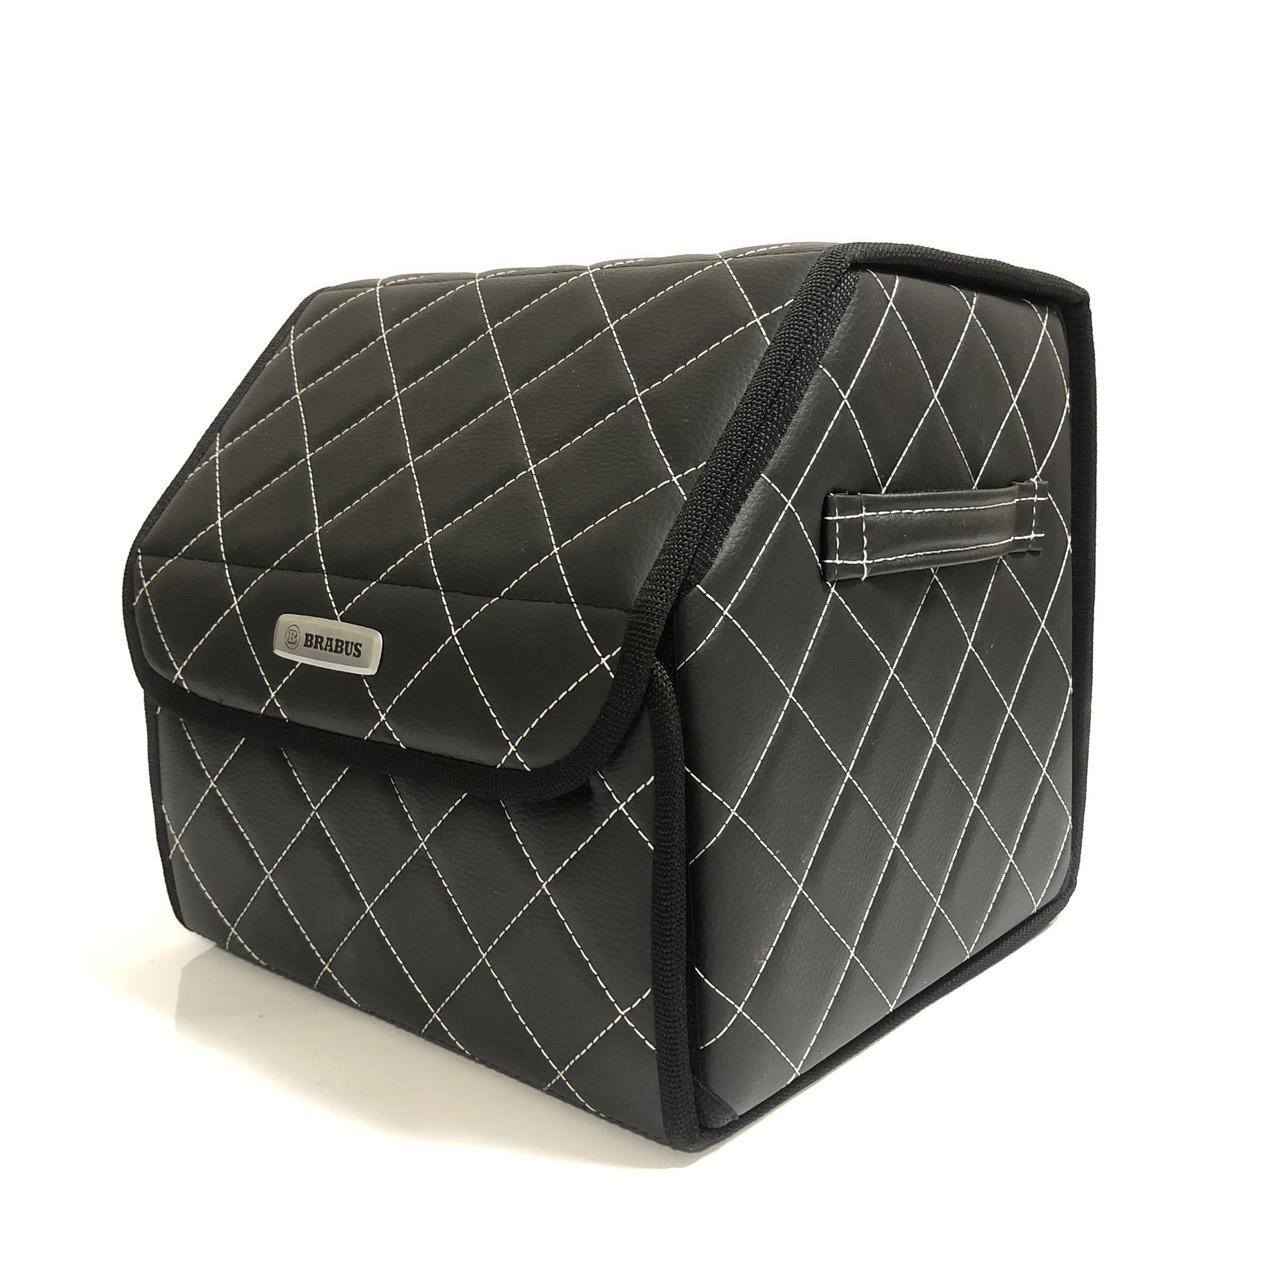 Саквояж с лого в багажник «Brabus» I Органайзер в авто черный Брабус